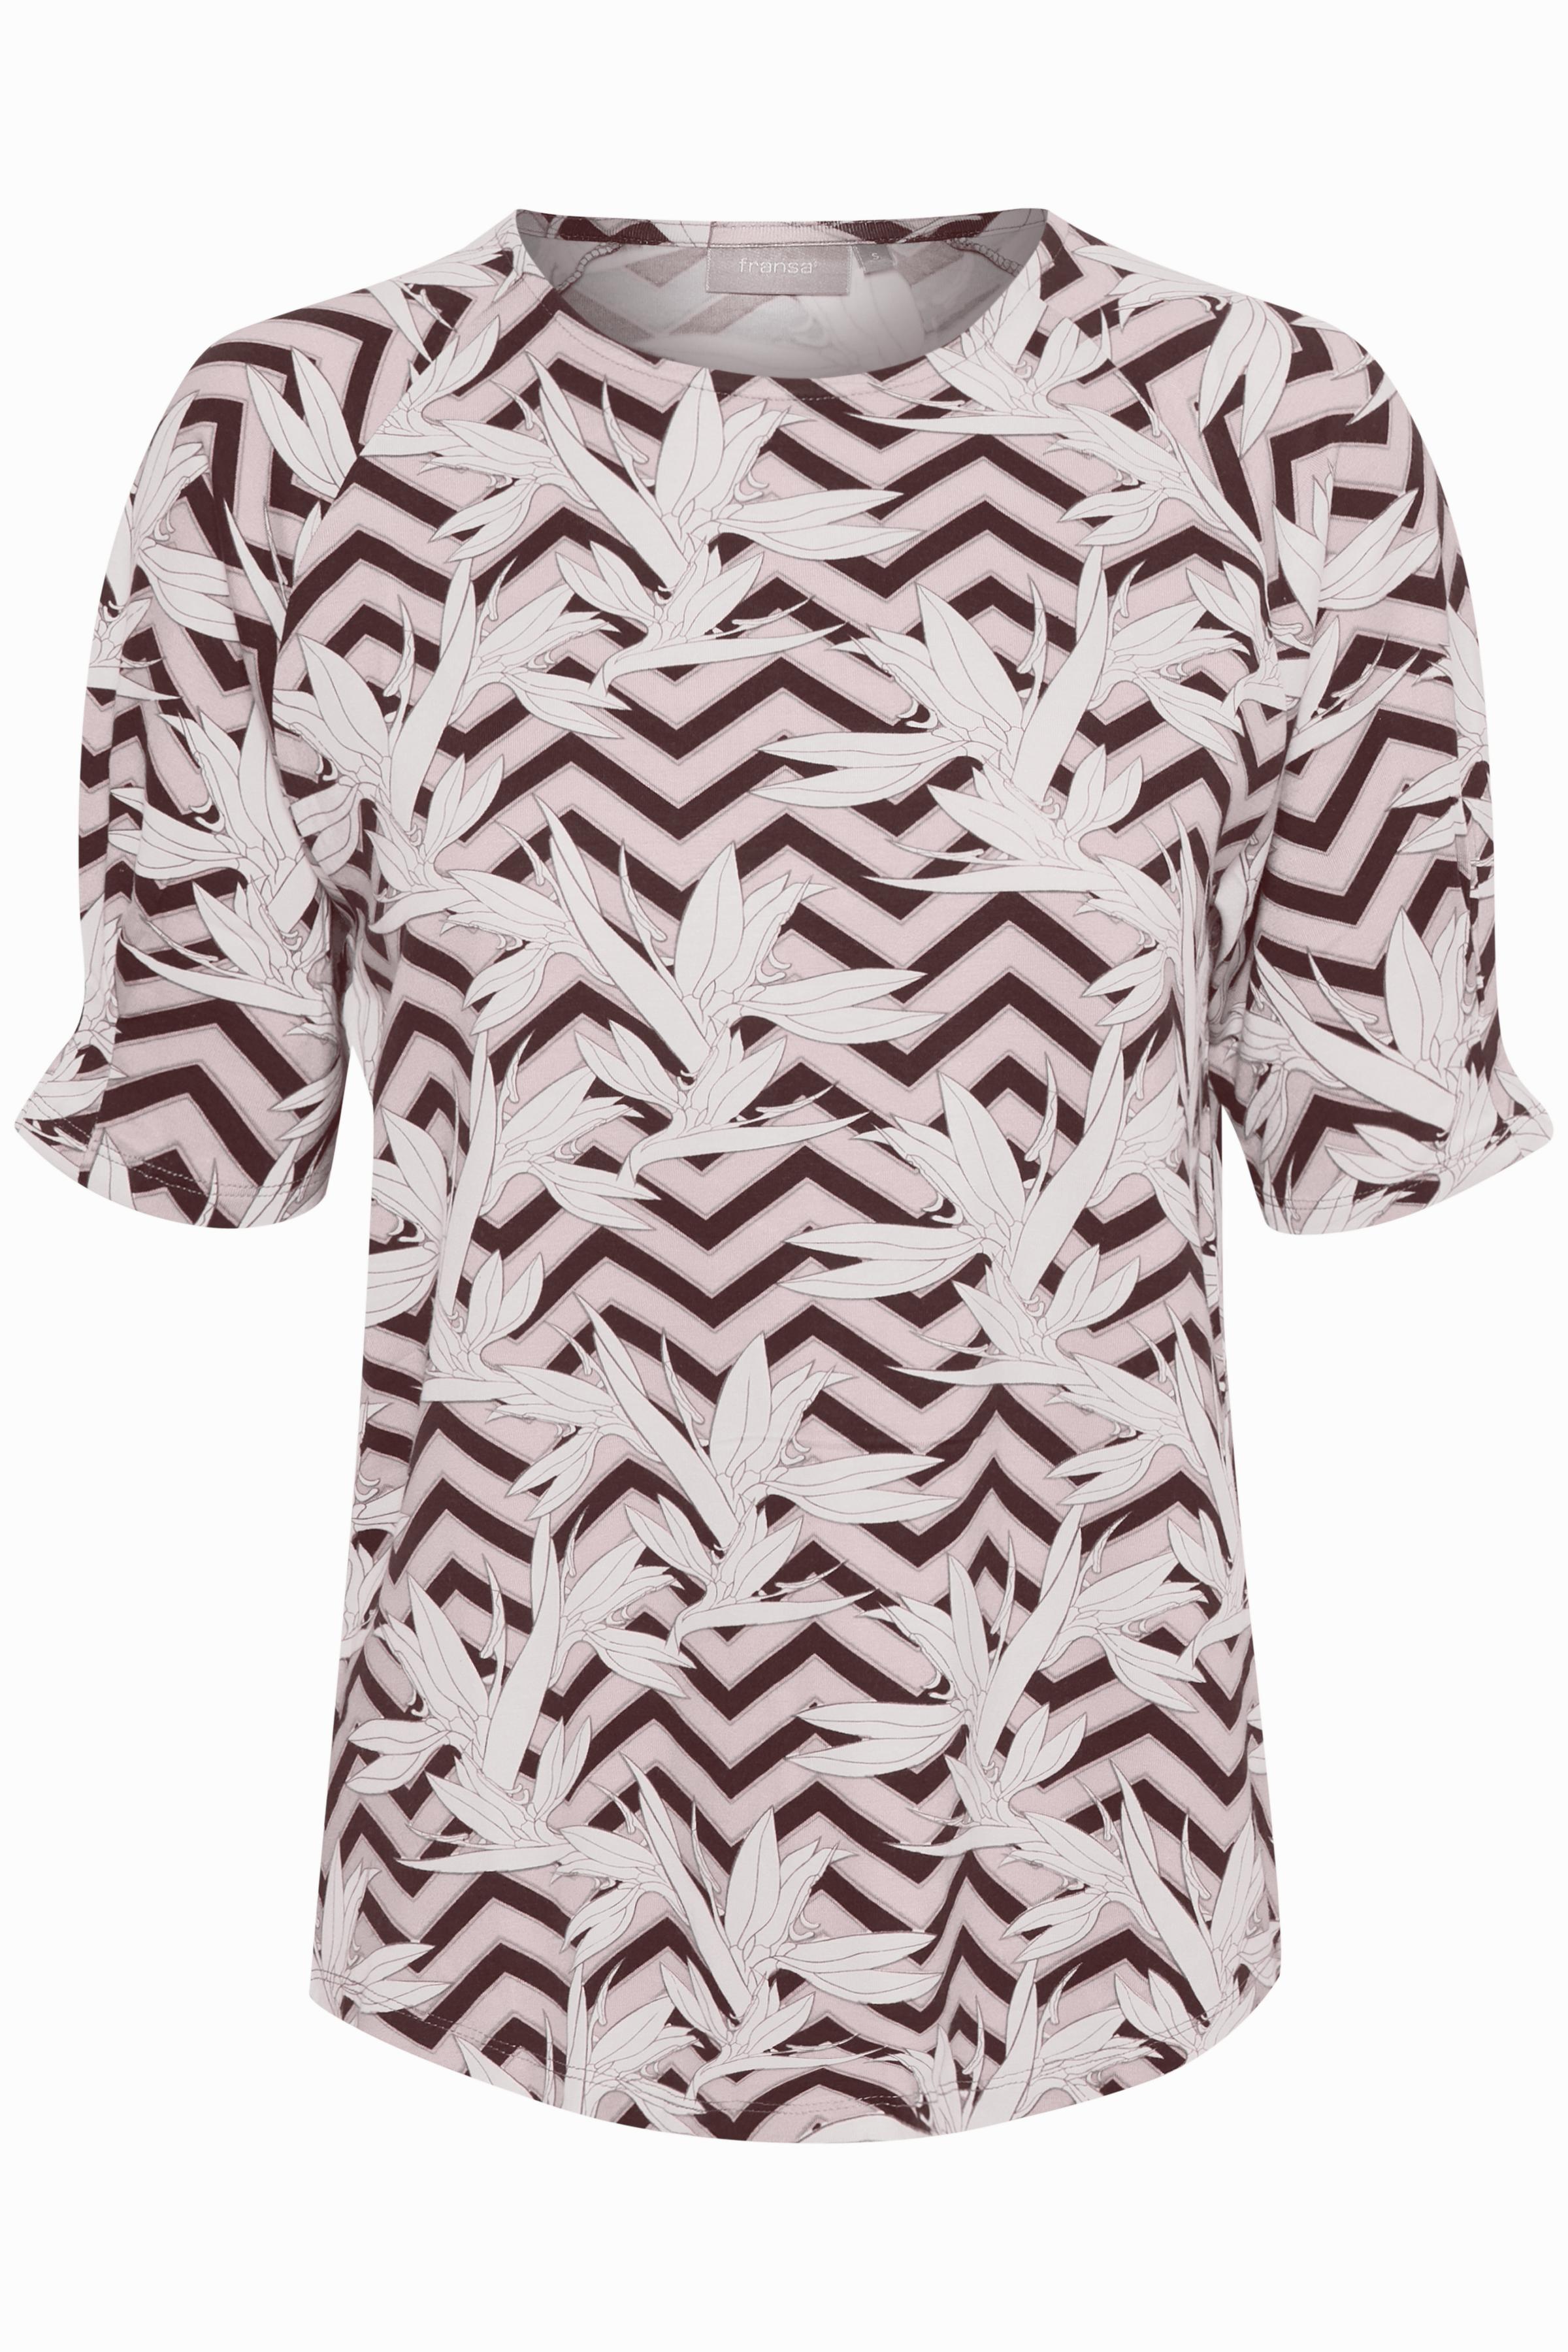 Pink/weiß Kurzarm T-Shirt von Fransa – Shoppen Sie Pink/weiß Kurzarm T-Shirt ab Gr. XS-XXL hier